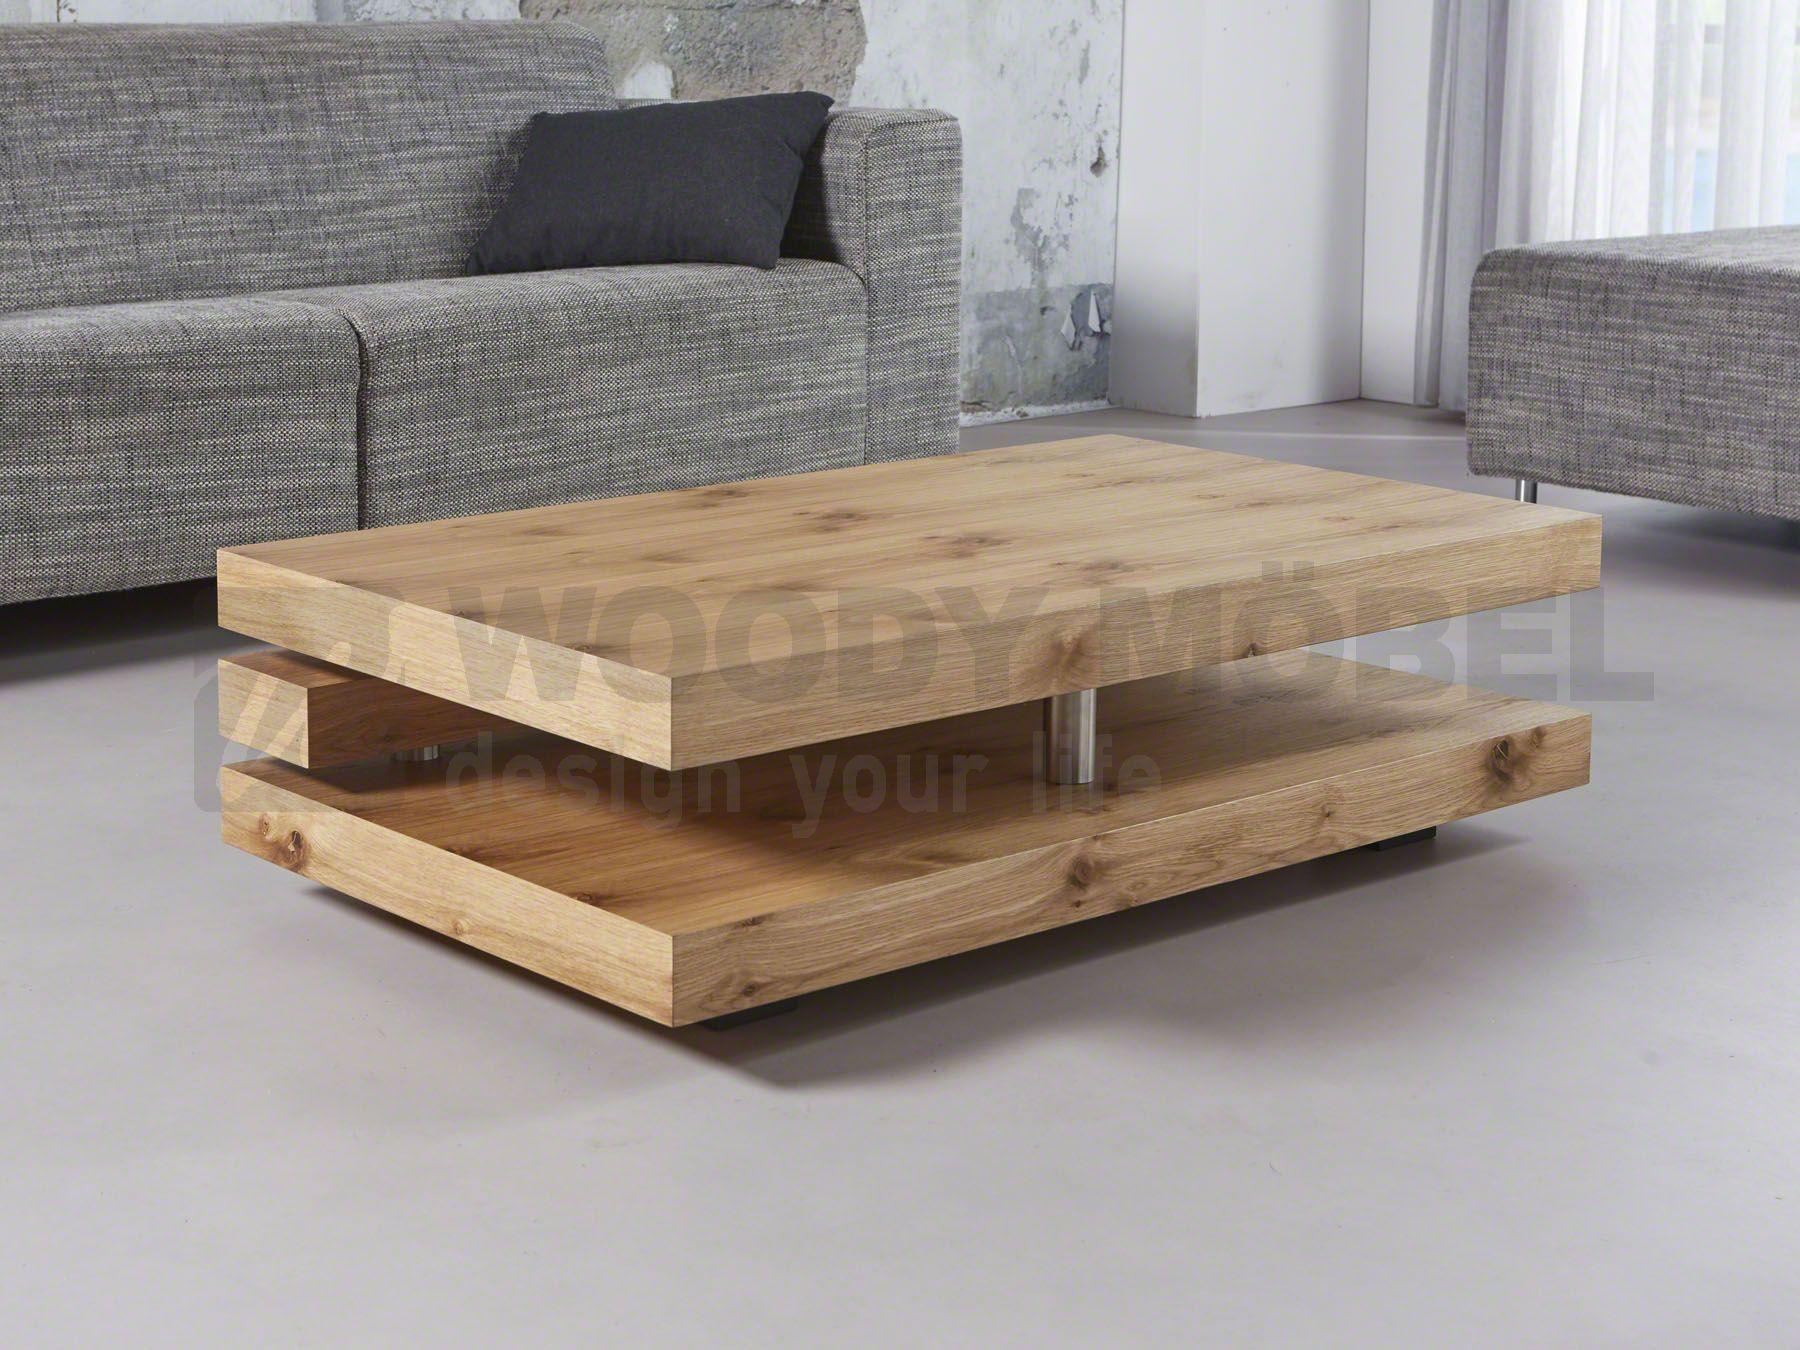 Couchtisch In Eiche Natur Mit Ablagefach Woody 83 00397 Holz Modern Jetzt Bestellen Unter Moebelladendirektde Wohnzimmer Tische Couchtische Uid